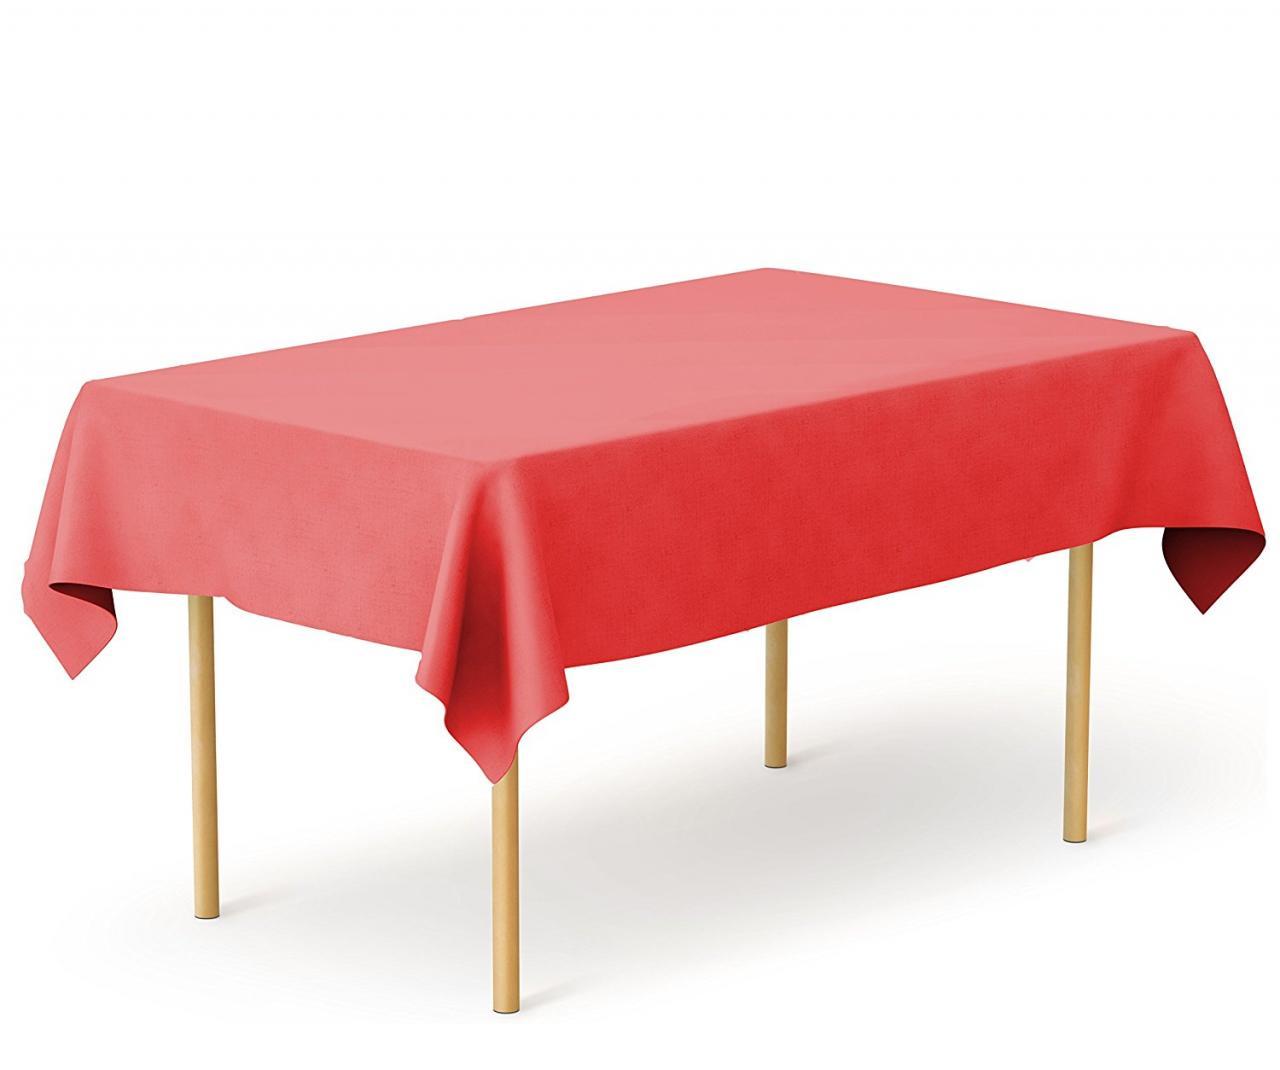 Amazon table cloth 10 คีย์สินค้า ปี 2017 เบนซิโอ้ จัดข้อมูลสินค้าให้ขนาดนี้ ไม่คลิกดูไม่ได้แล้ว :D